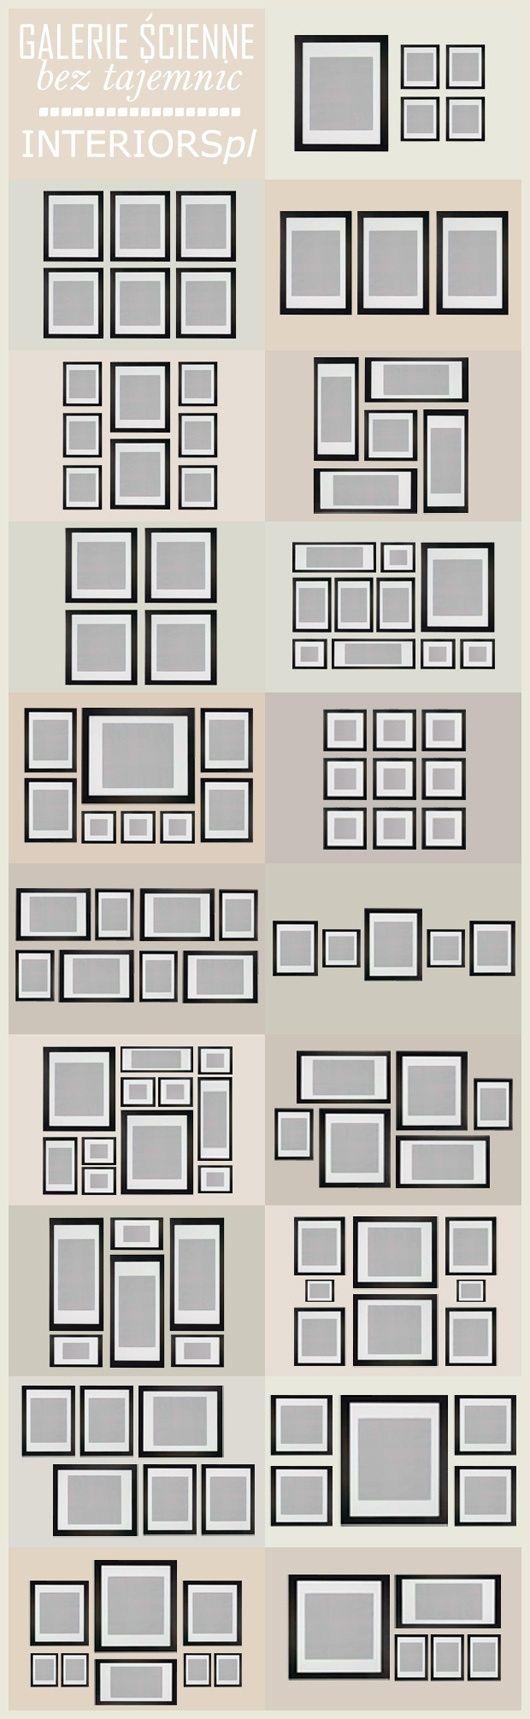 wall art arrangement templates | interiors-designed.com